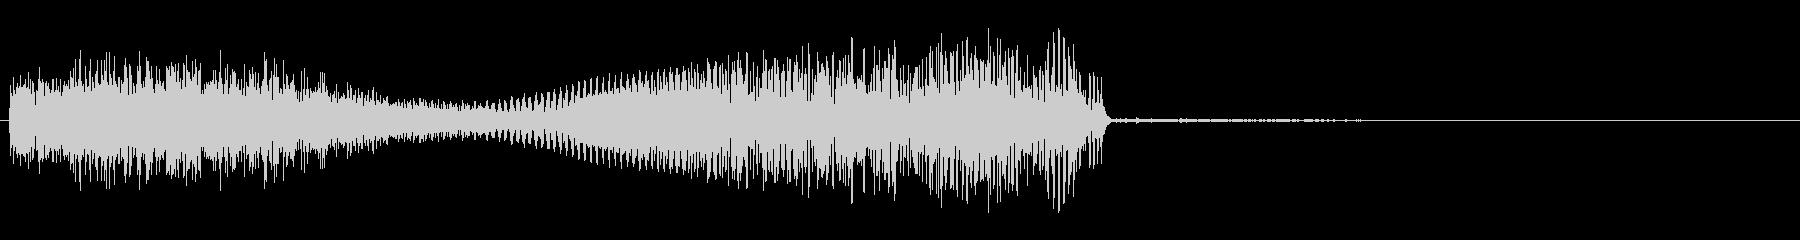 パワーヒットスイープの未再生の波形